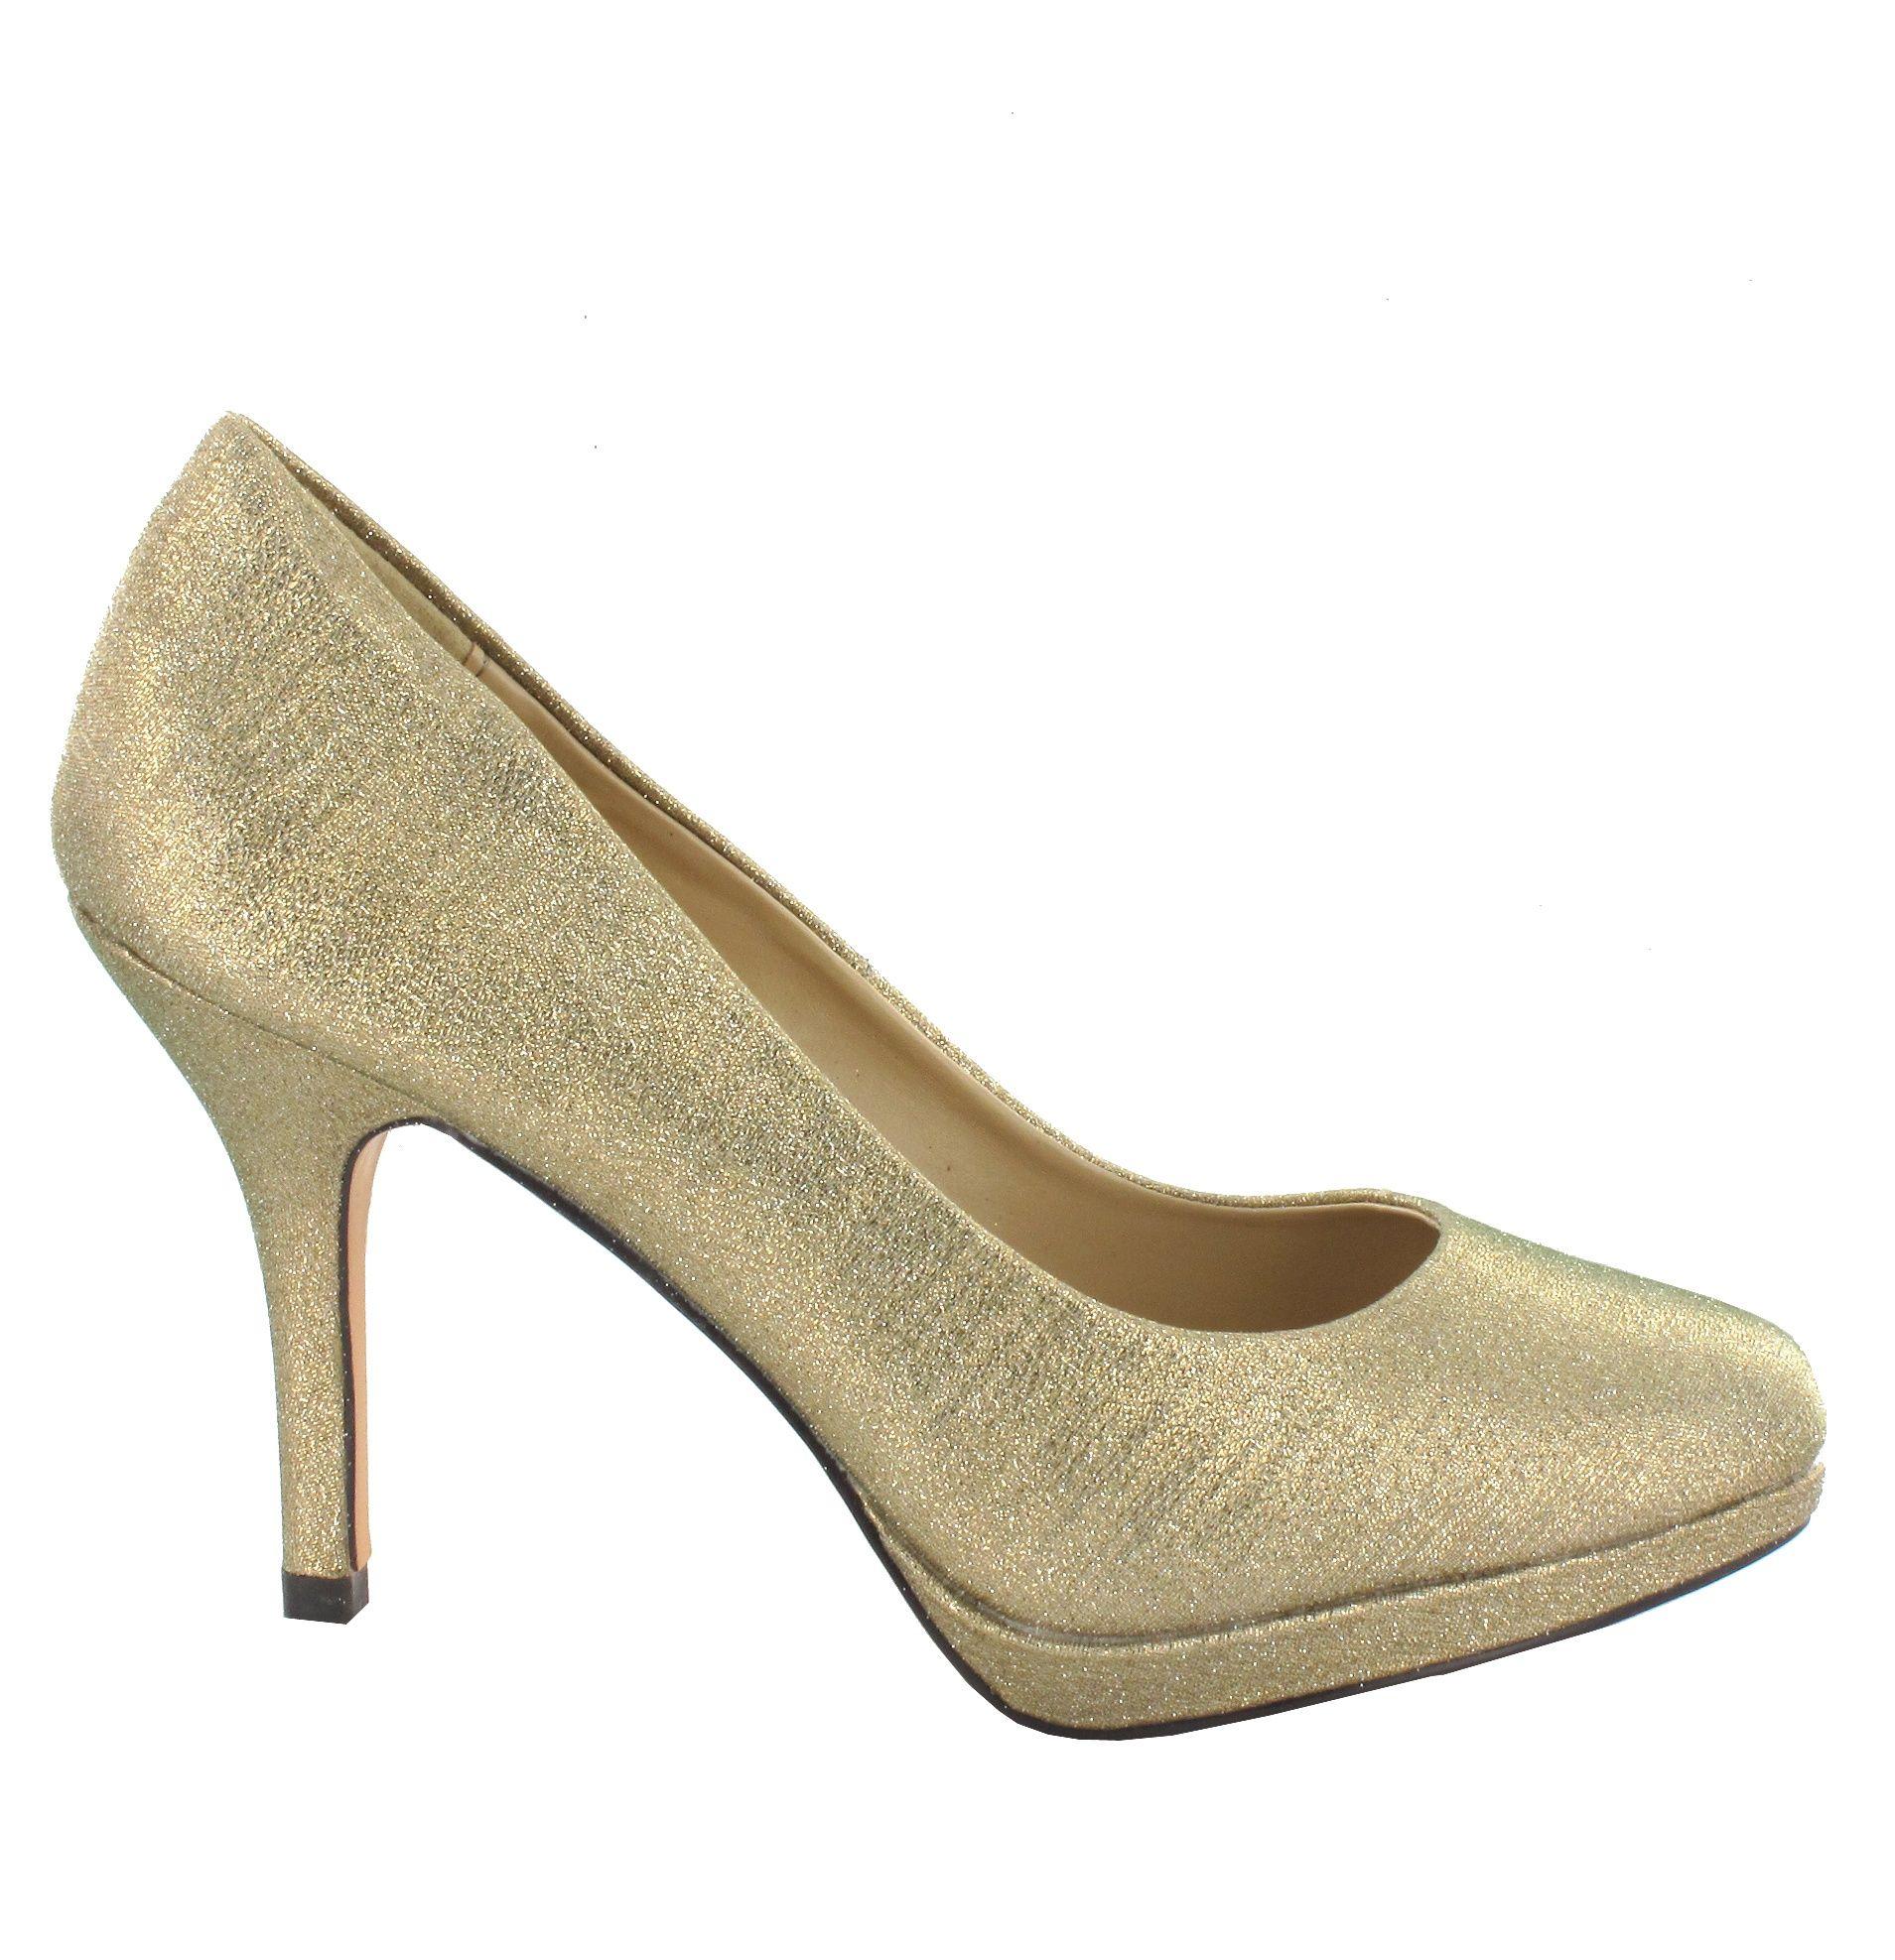 Zapato en Dorado con plataforma. Un modelo de zapato distinguido y cómodo. Ref.6774 //Golden platform heel shoe . A refined and comfy model. Ref.6774